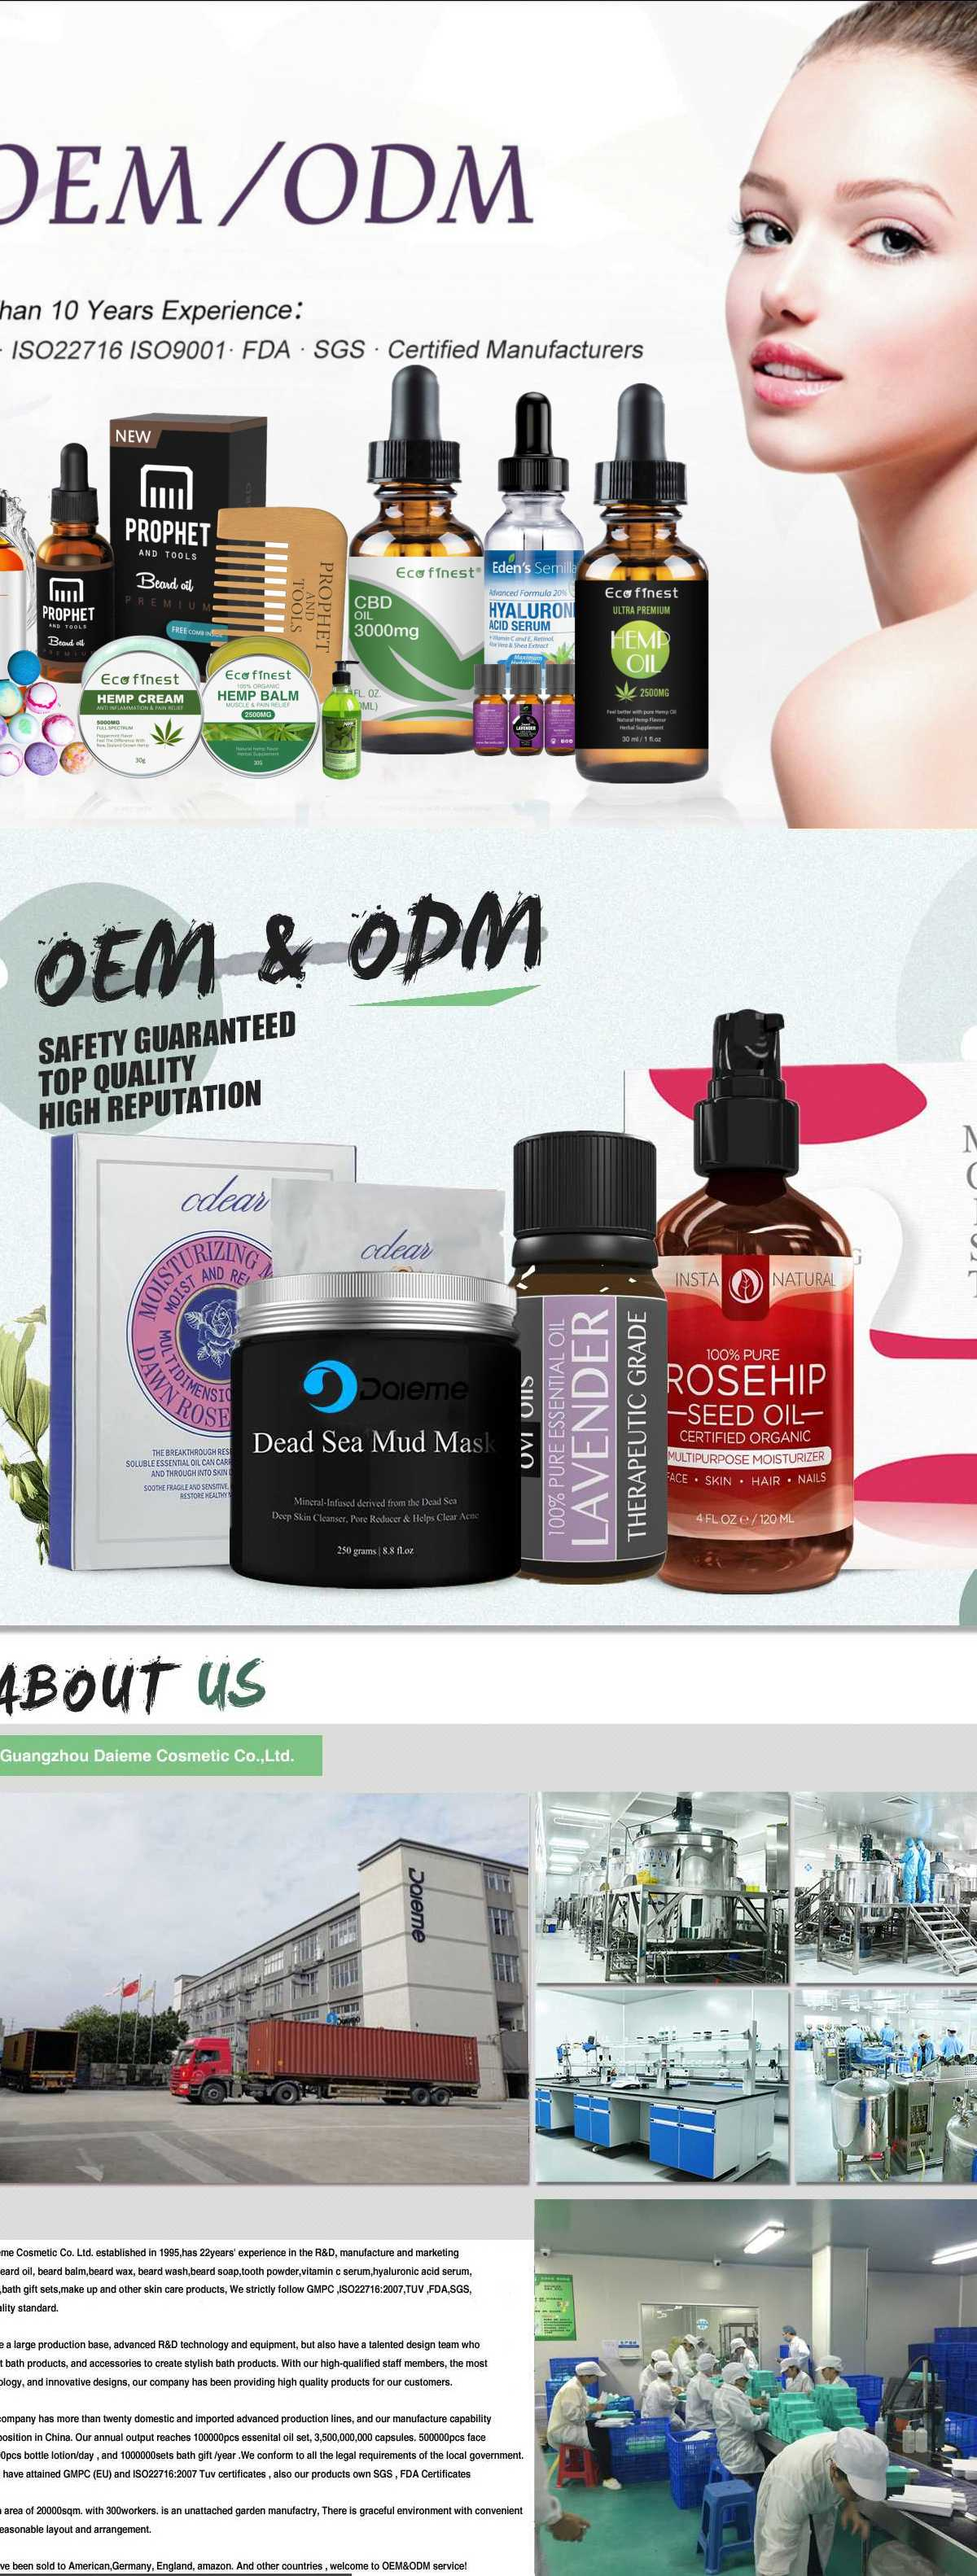 Guangzhou Daieme Cosmetic Co , Ltd  - Skin Care & Personal